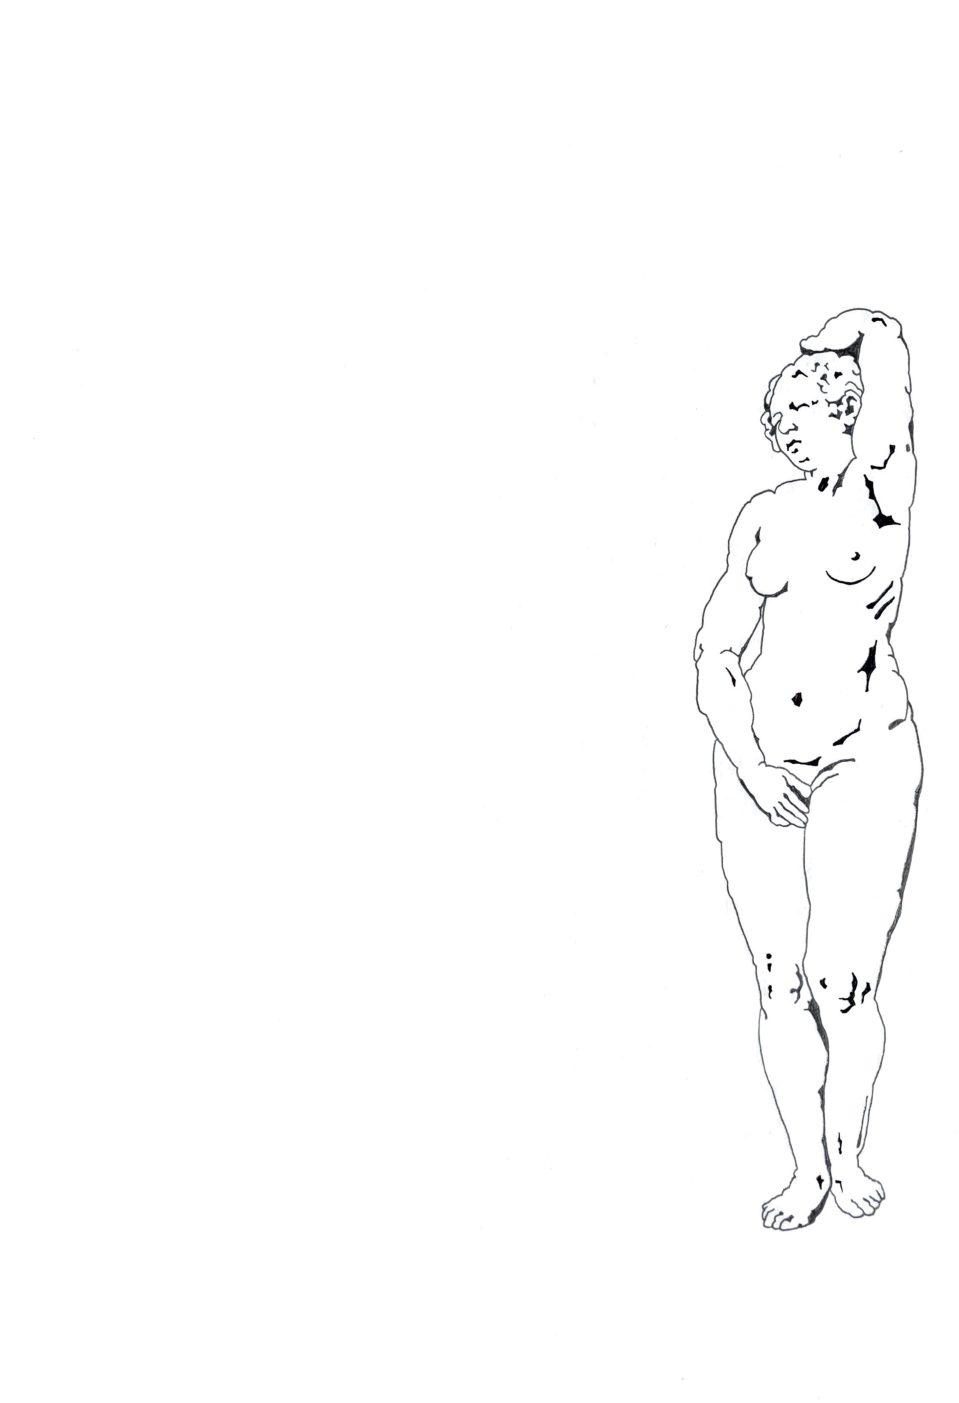 """Matthias Huber, """"keep distance: Unsicherheit"""", 21x29,7cm, Graphit auf Papier, 2020"""